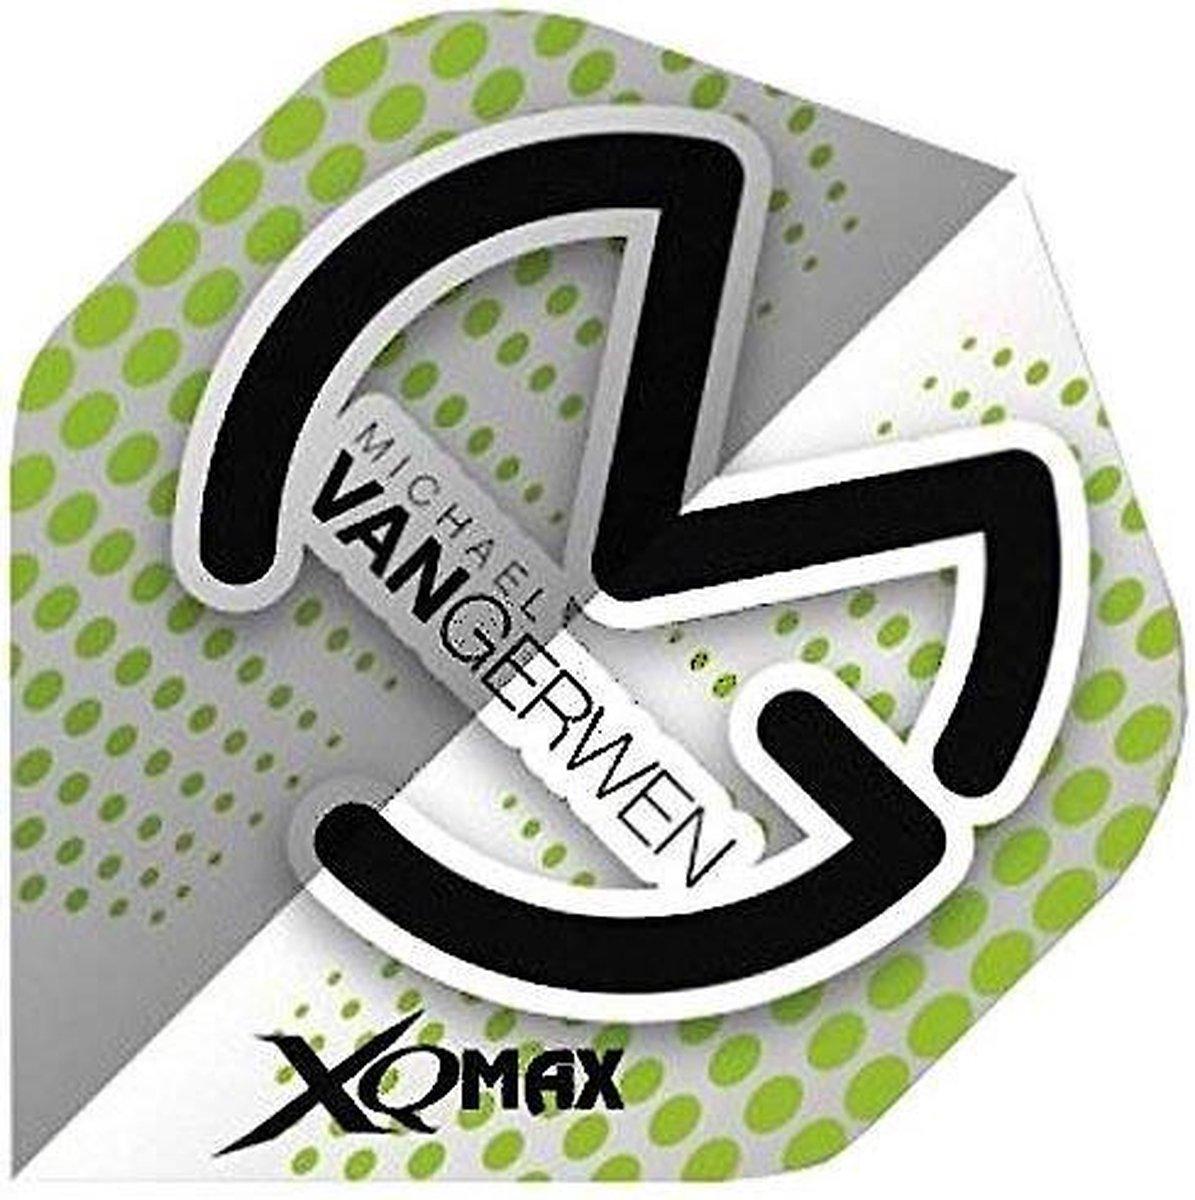 Xq Max Michael Van Gerwen Flights Standard A Grijs/groen 3 Stuks